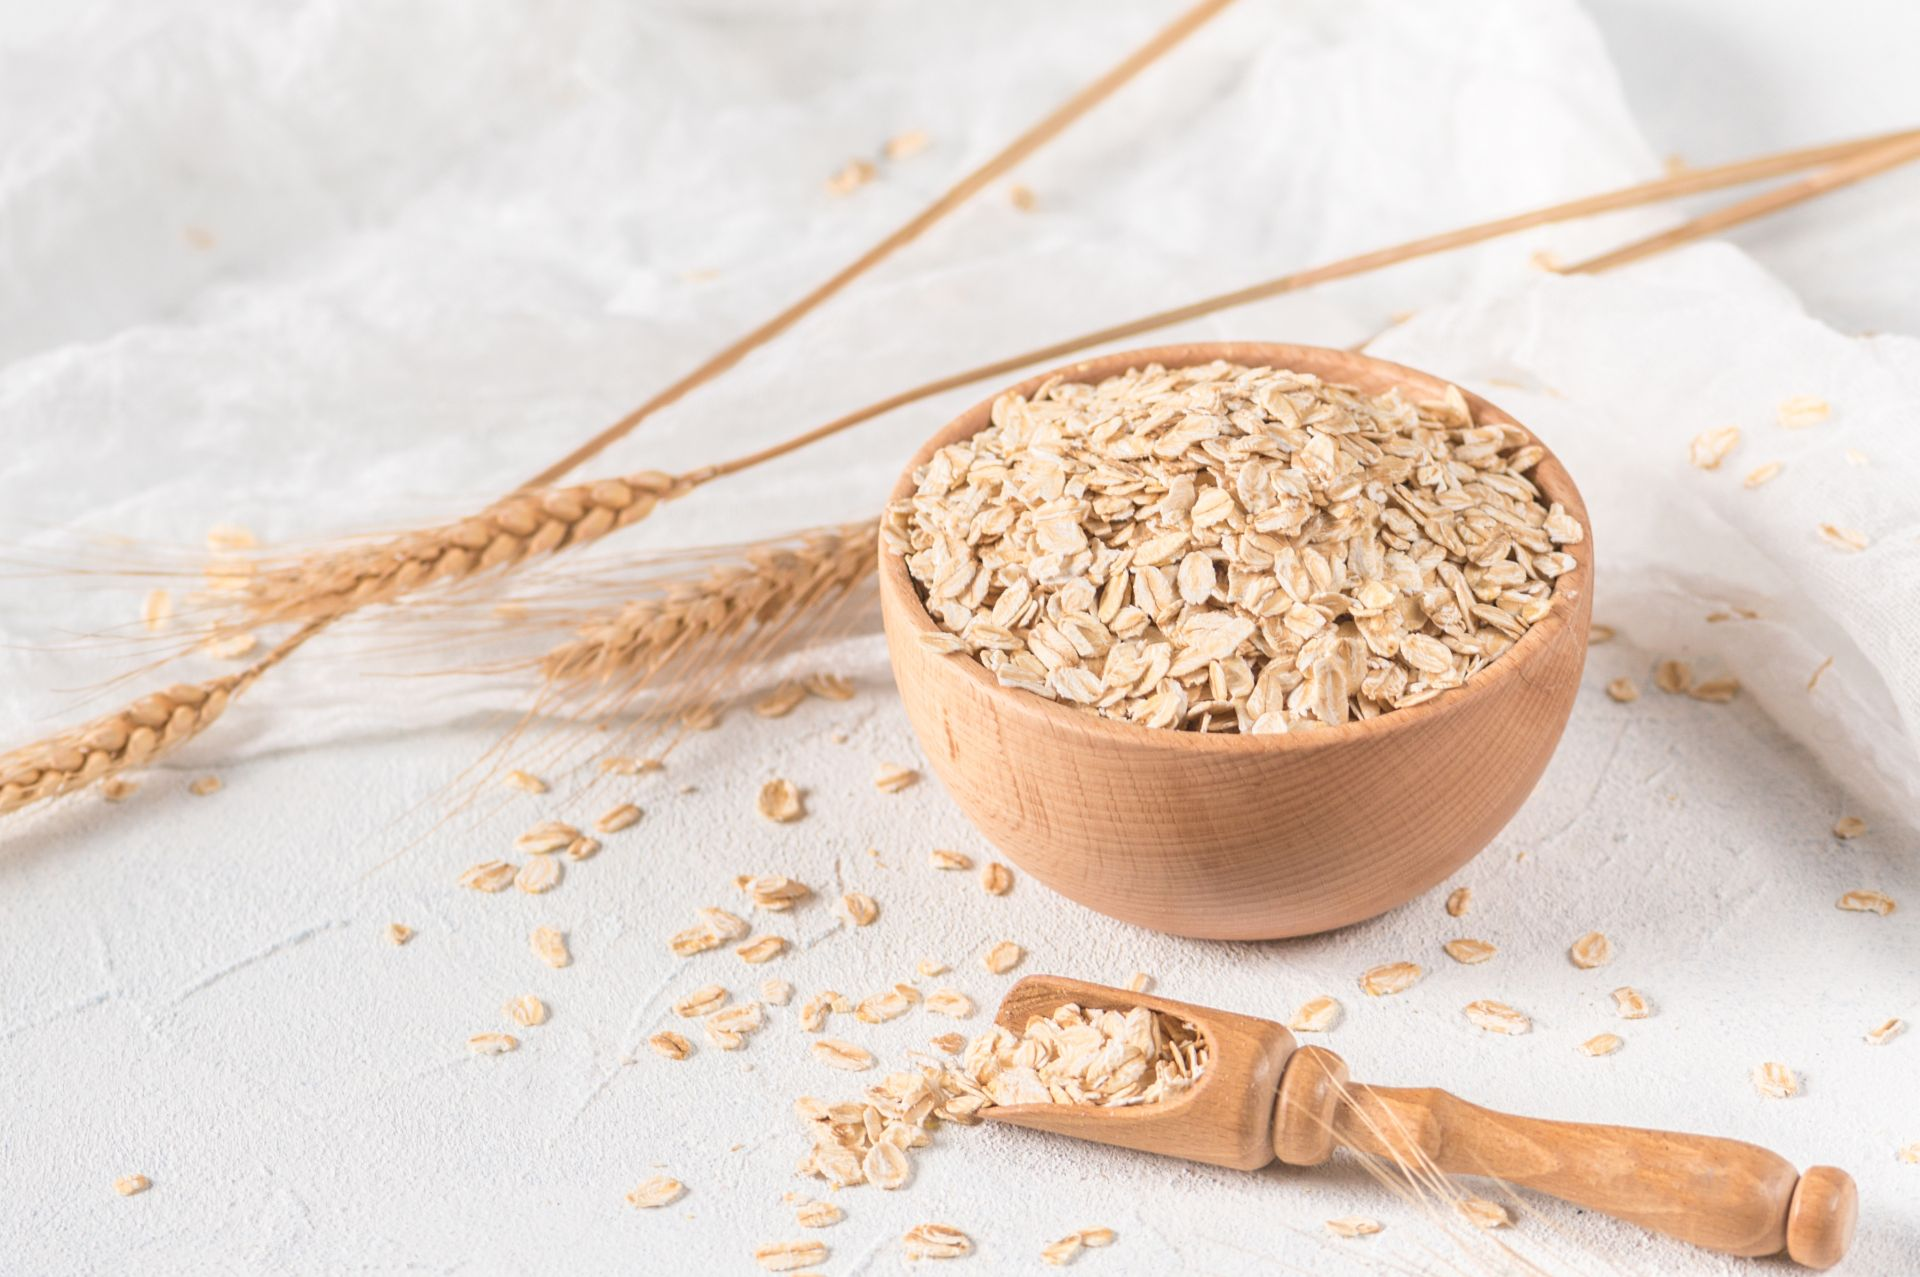 Owsianka - dieta bogata w błonnik i produkty pełnoziarniste wspiera profilaktykę obniżania cholesterolu i pracy serca.